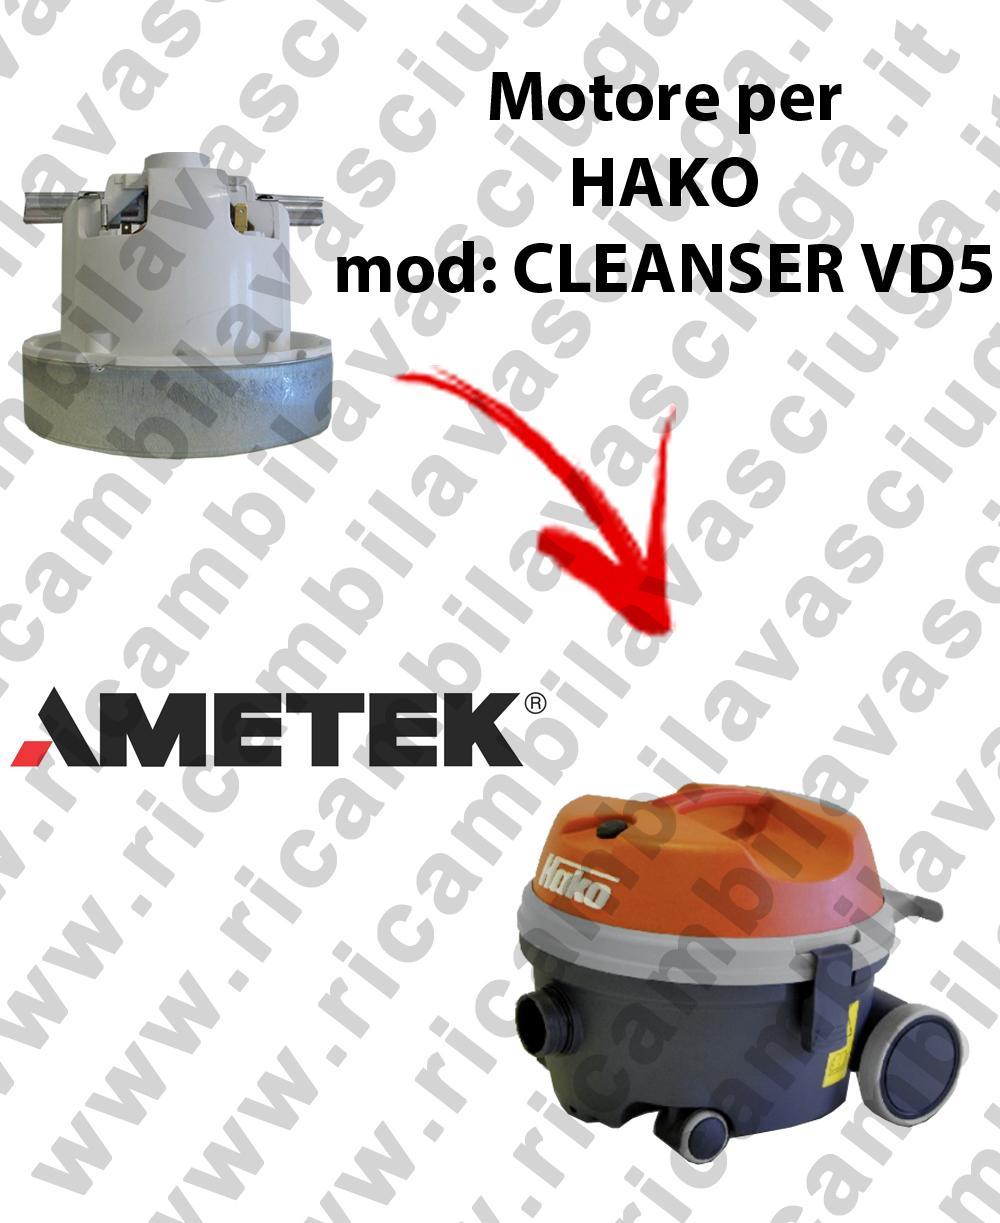 CLEANSER VD5 Motore de aspiración AMETEK para aspiradora HAKO